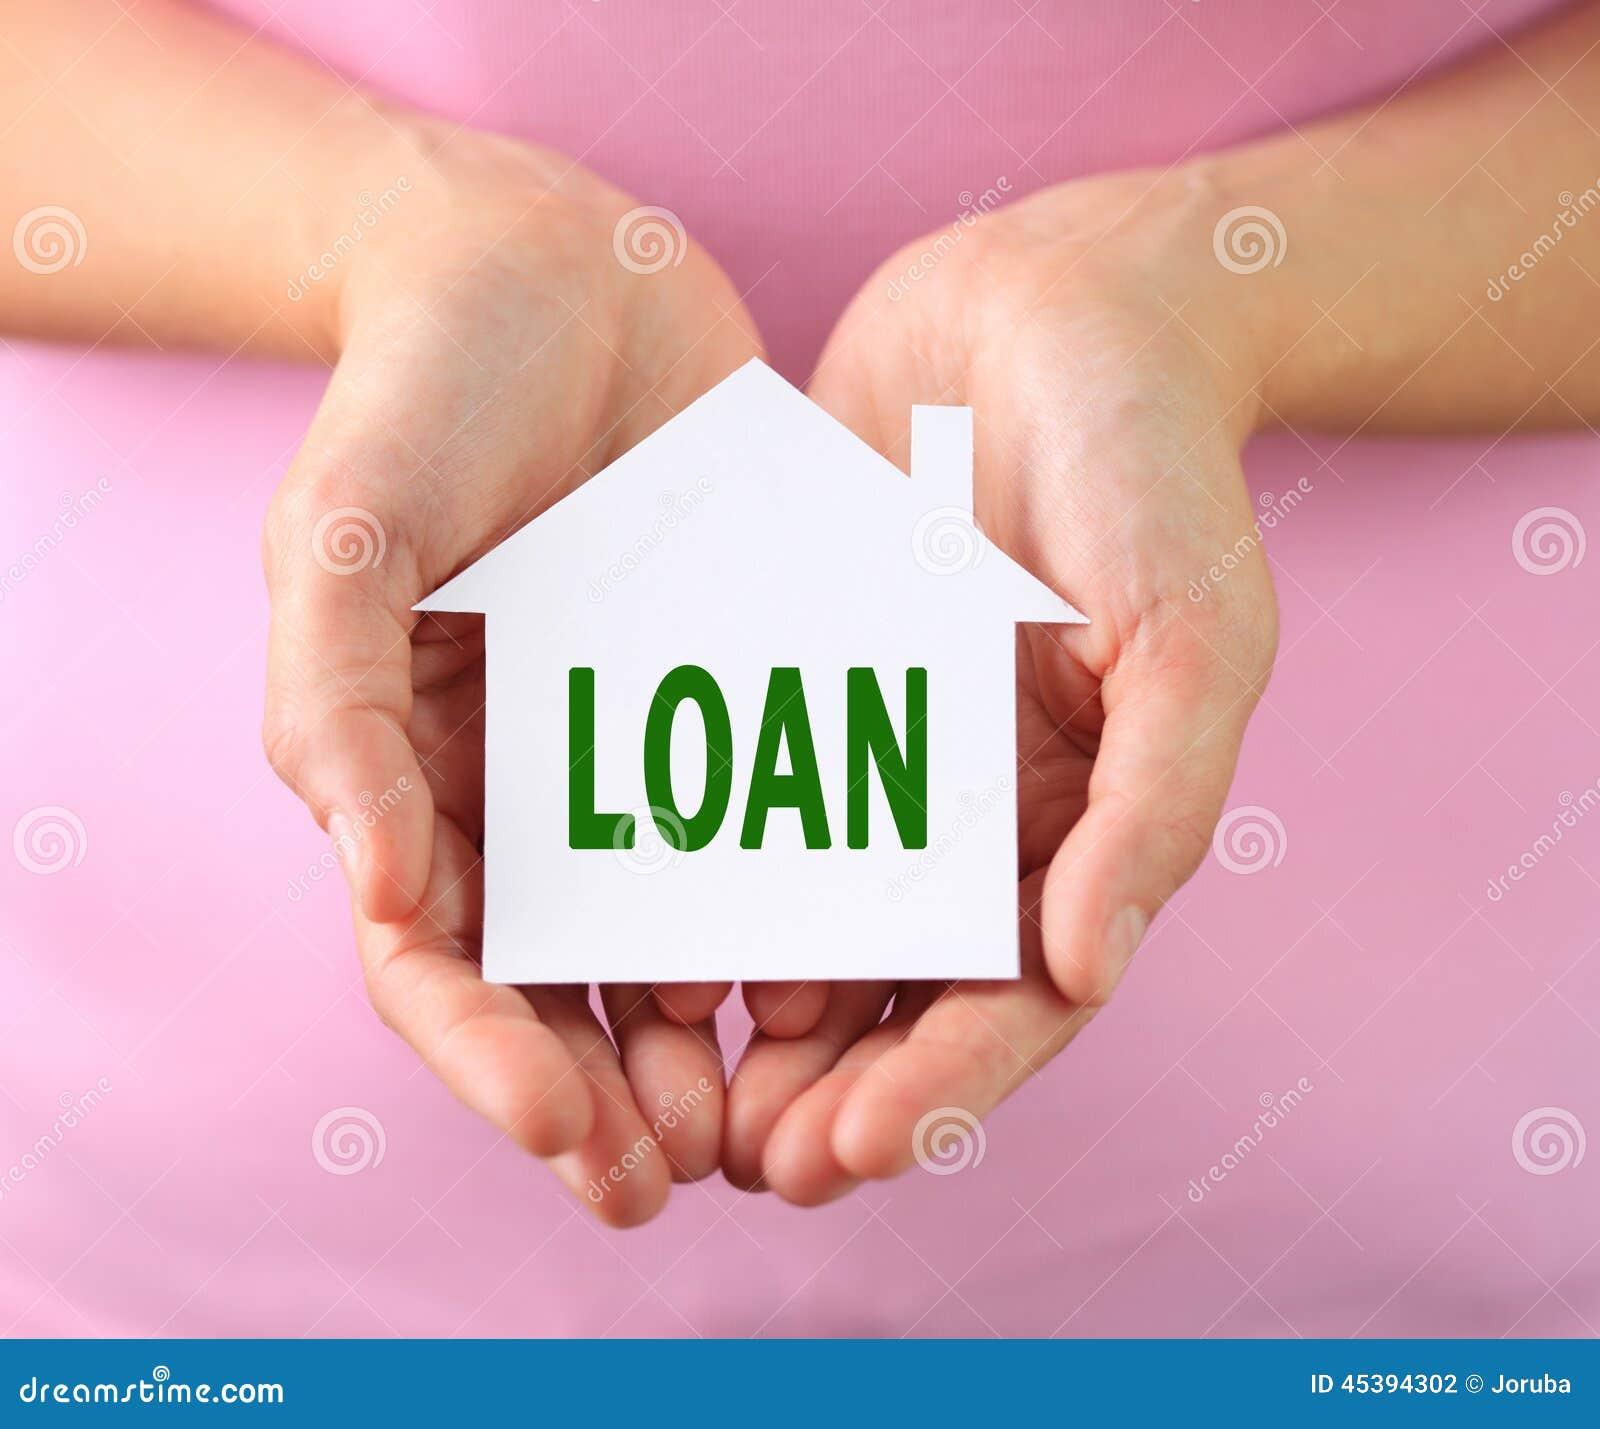 Взять кредит у частного лица под расписку и нотариально заверив отзывы